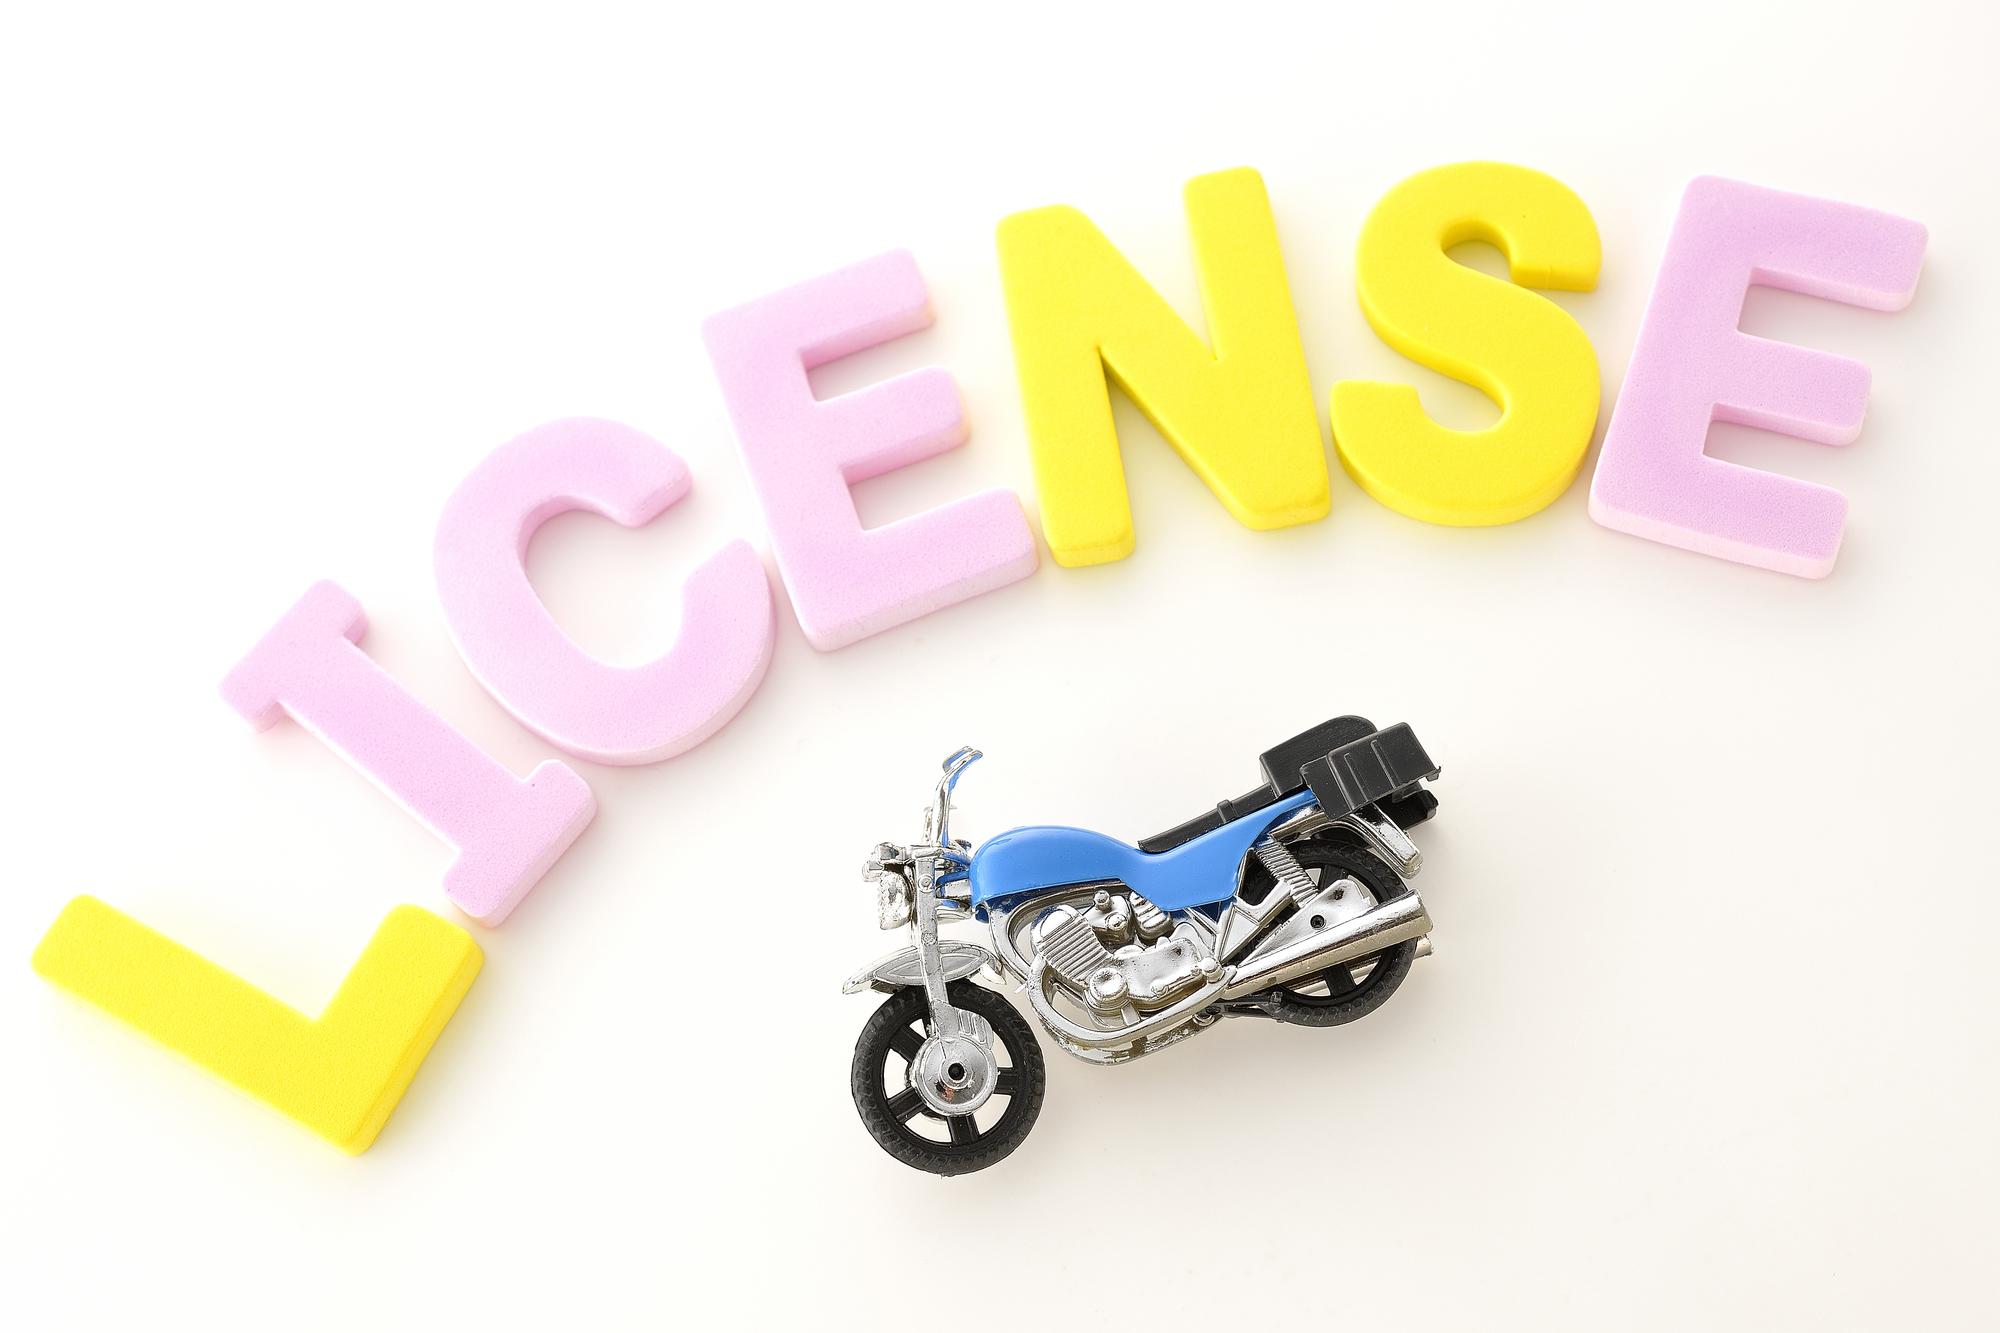 普通二輪車免許を取得する方法